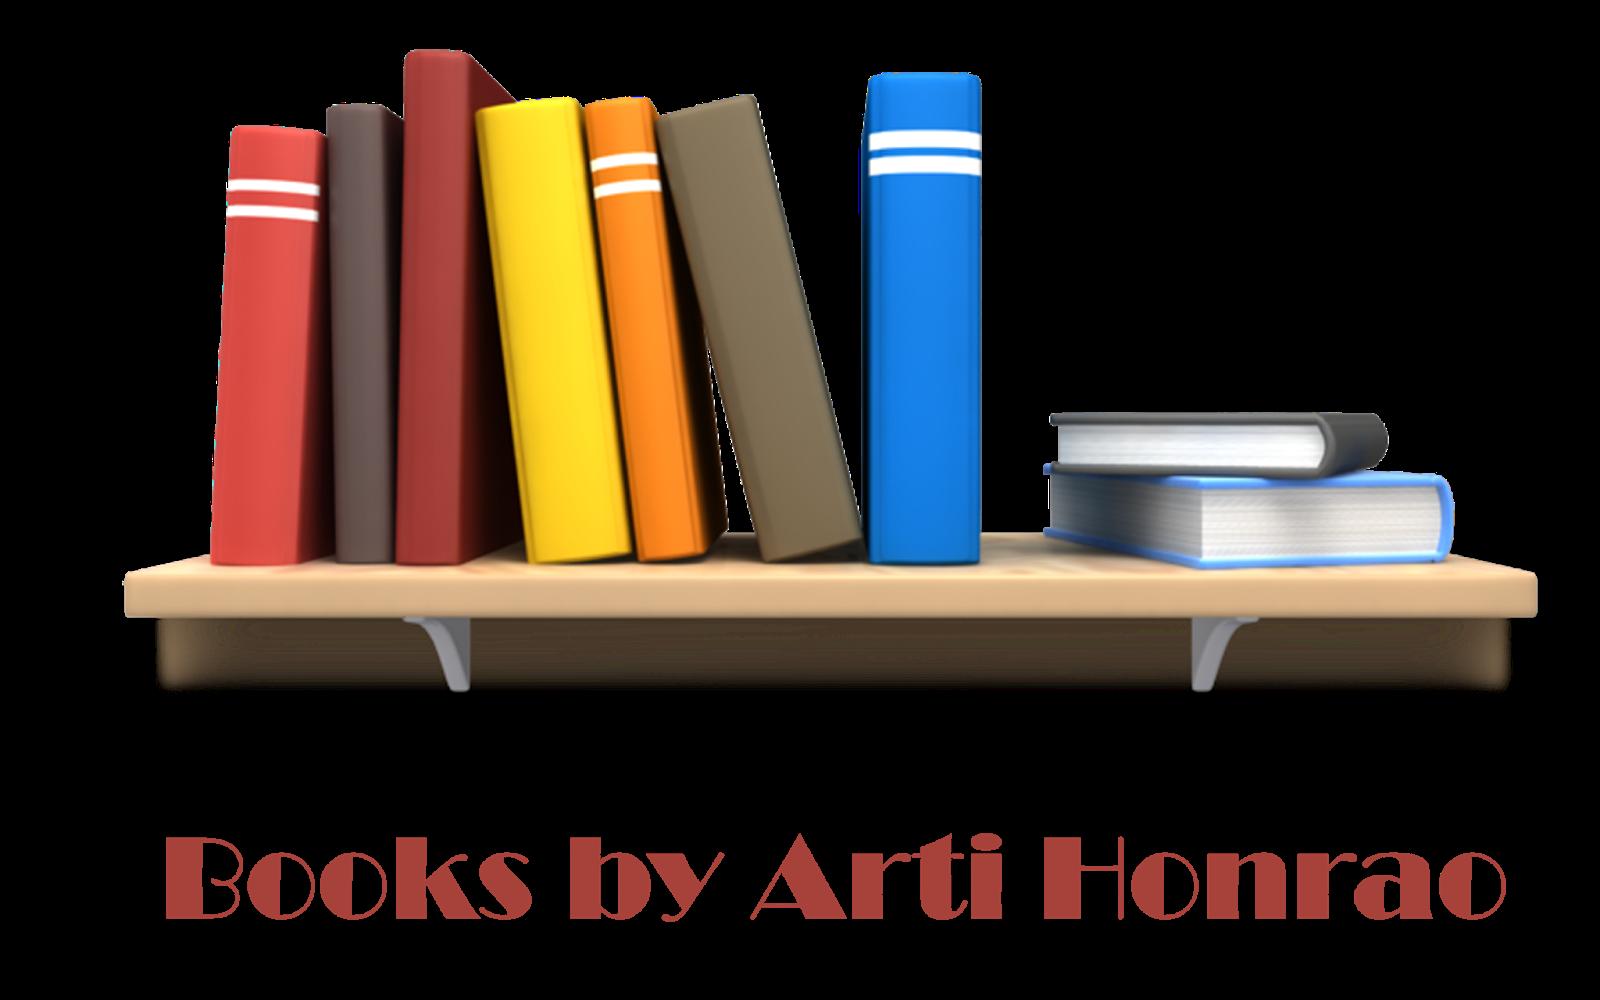 Grab A Book